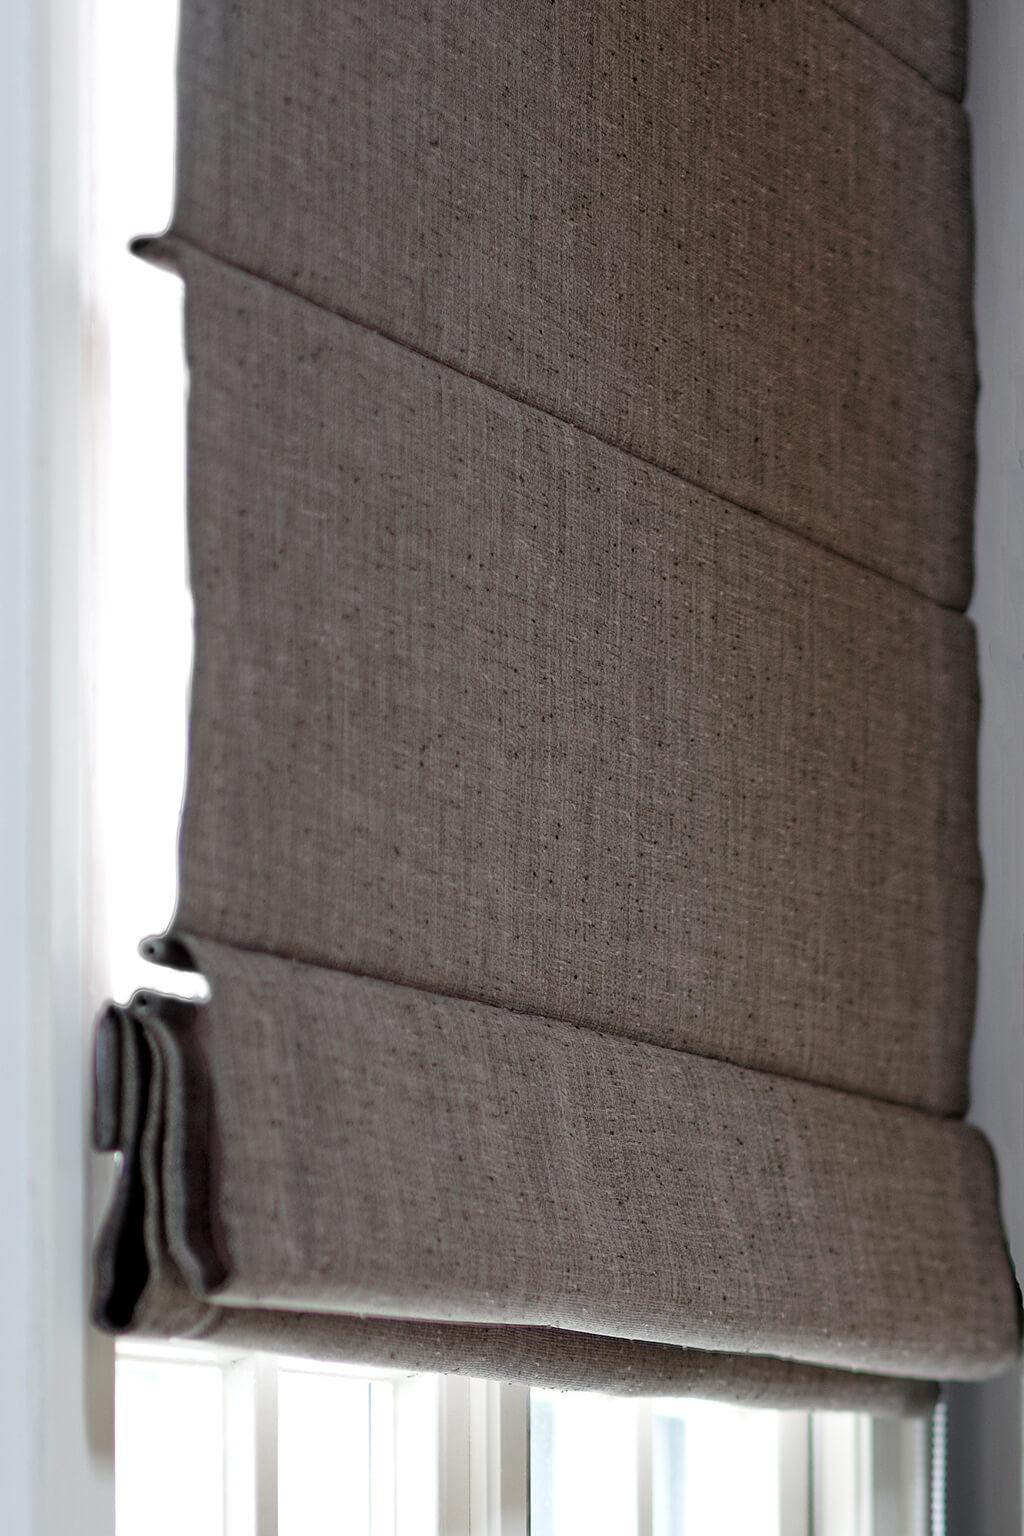 Detailaufnahme von einem grauen Faltrollo mit Querstreben